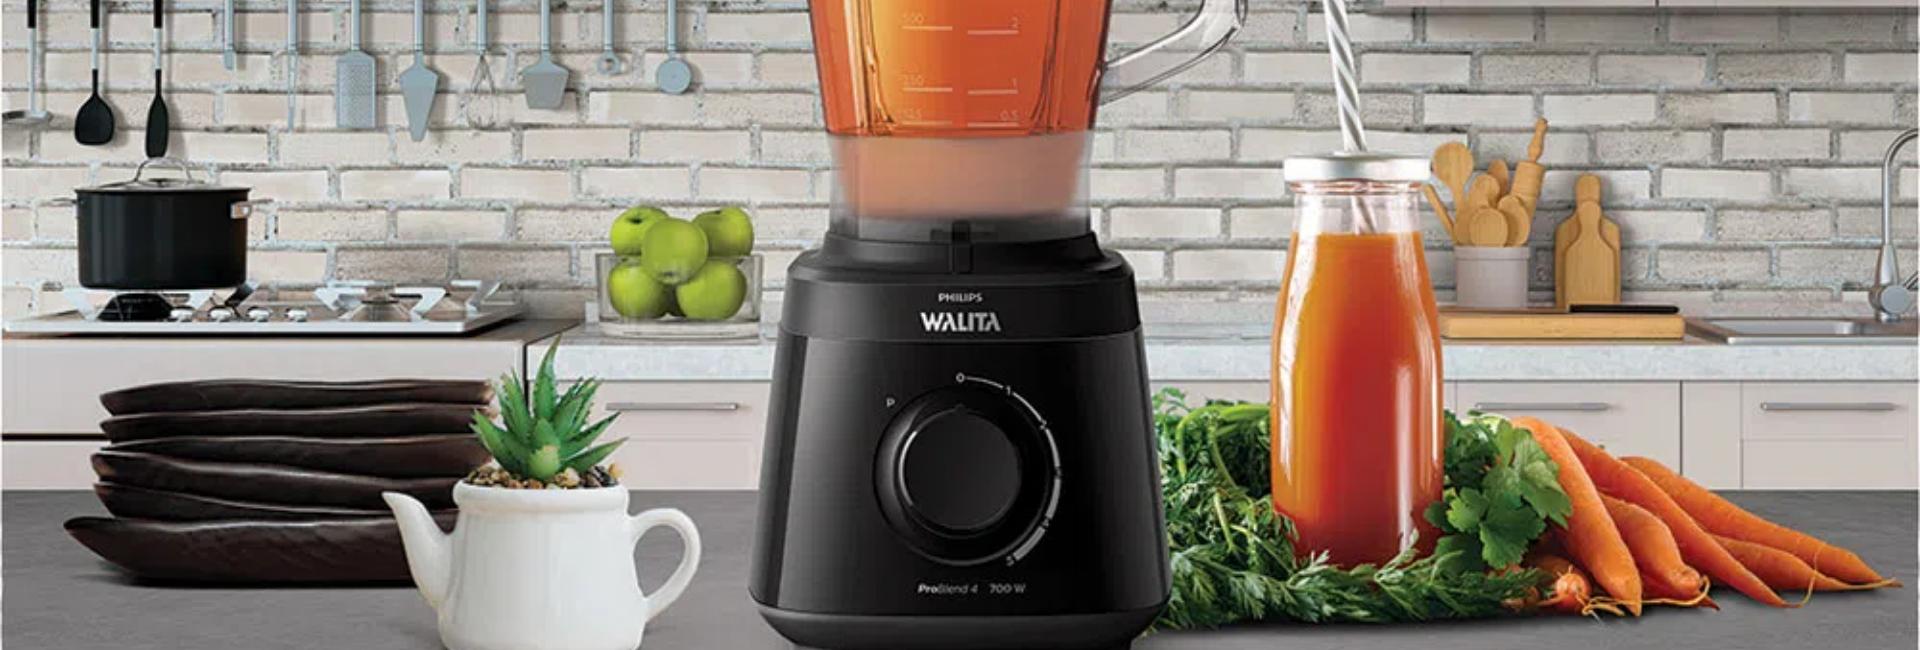 Liquidificador Walita: veja os melhores modelos para comprar em 2021